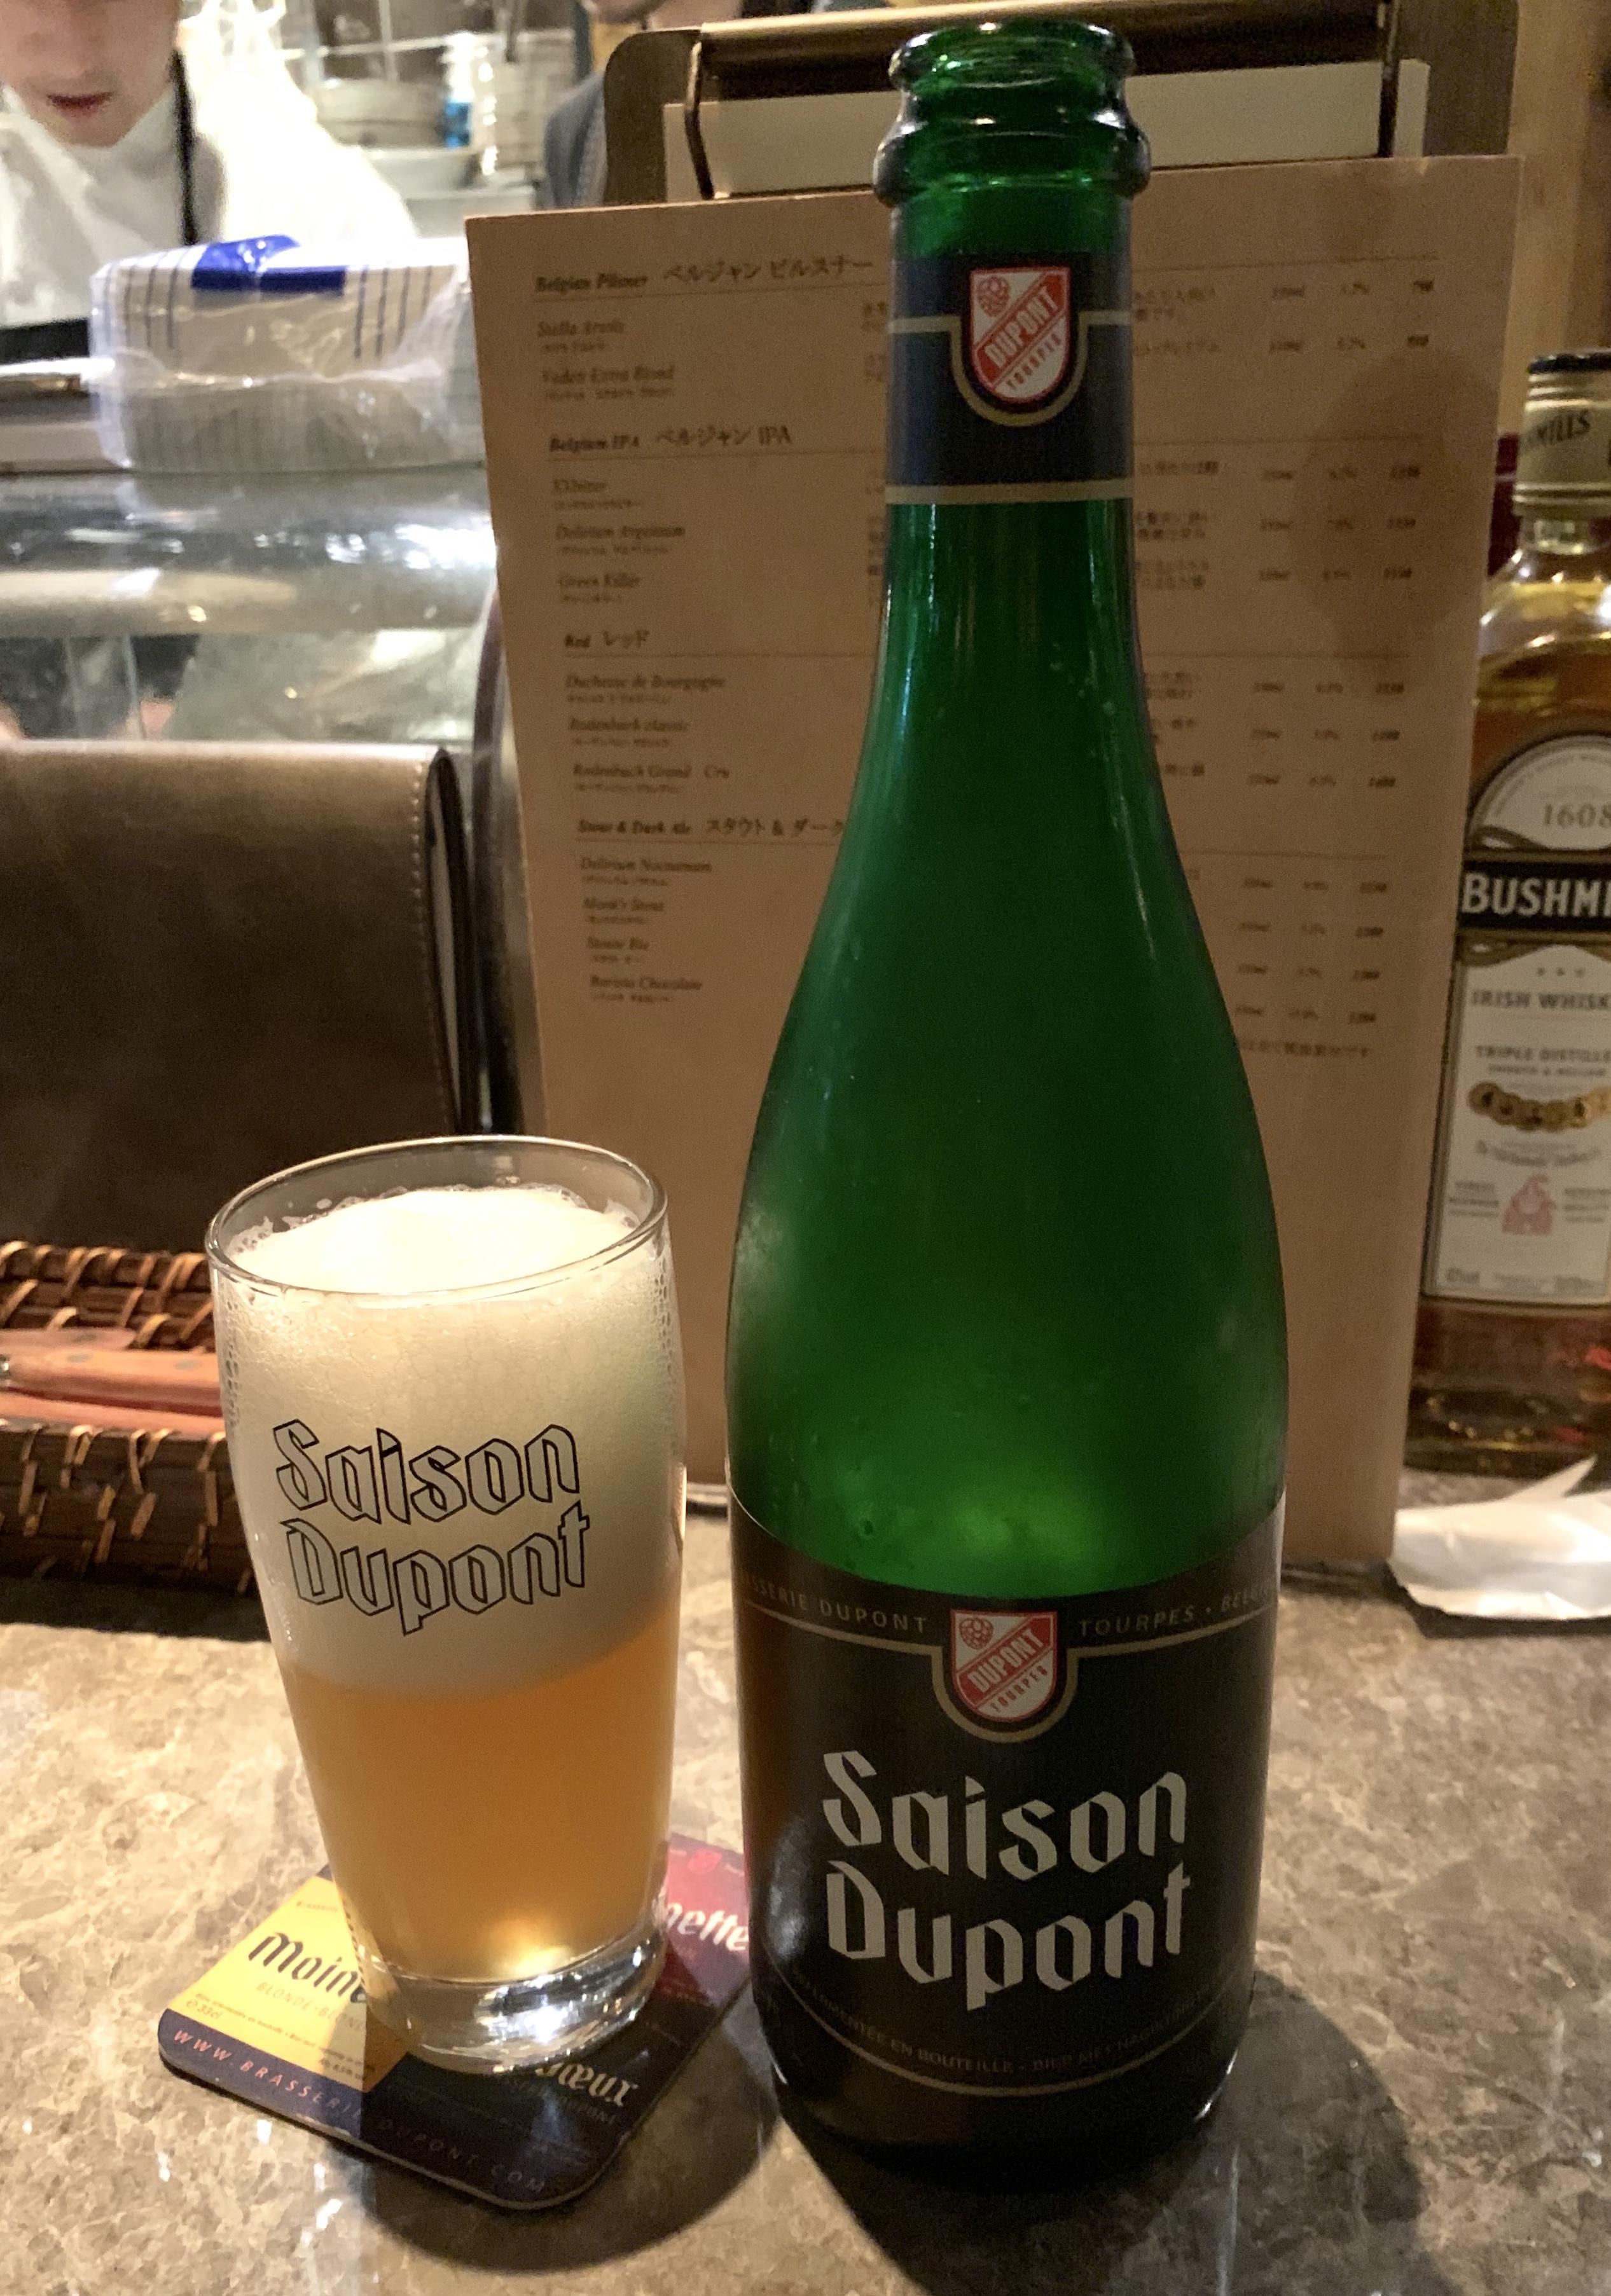 渋谷の道玄坂にあるヘイメルミヤマスのセゾンデュポンの大瓶